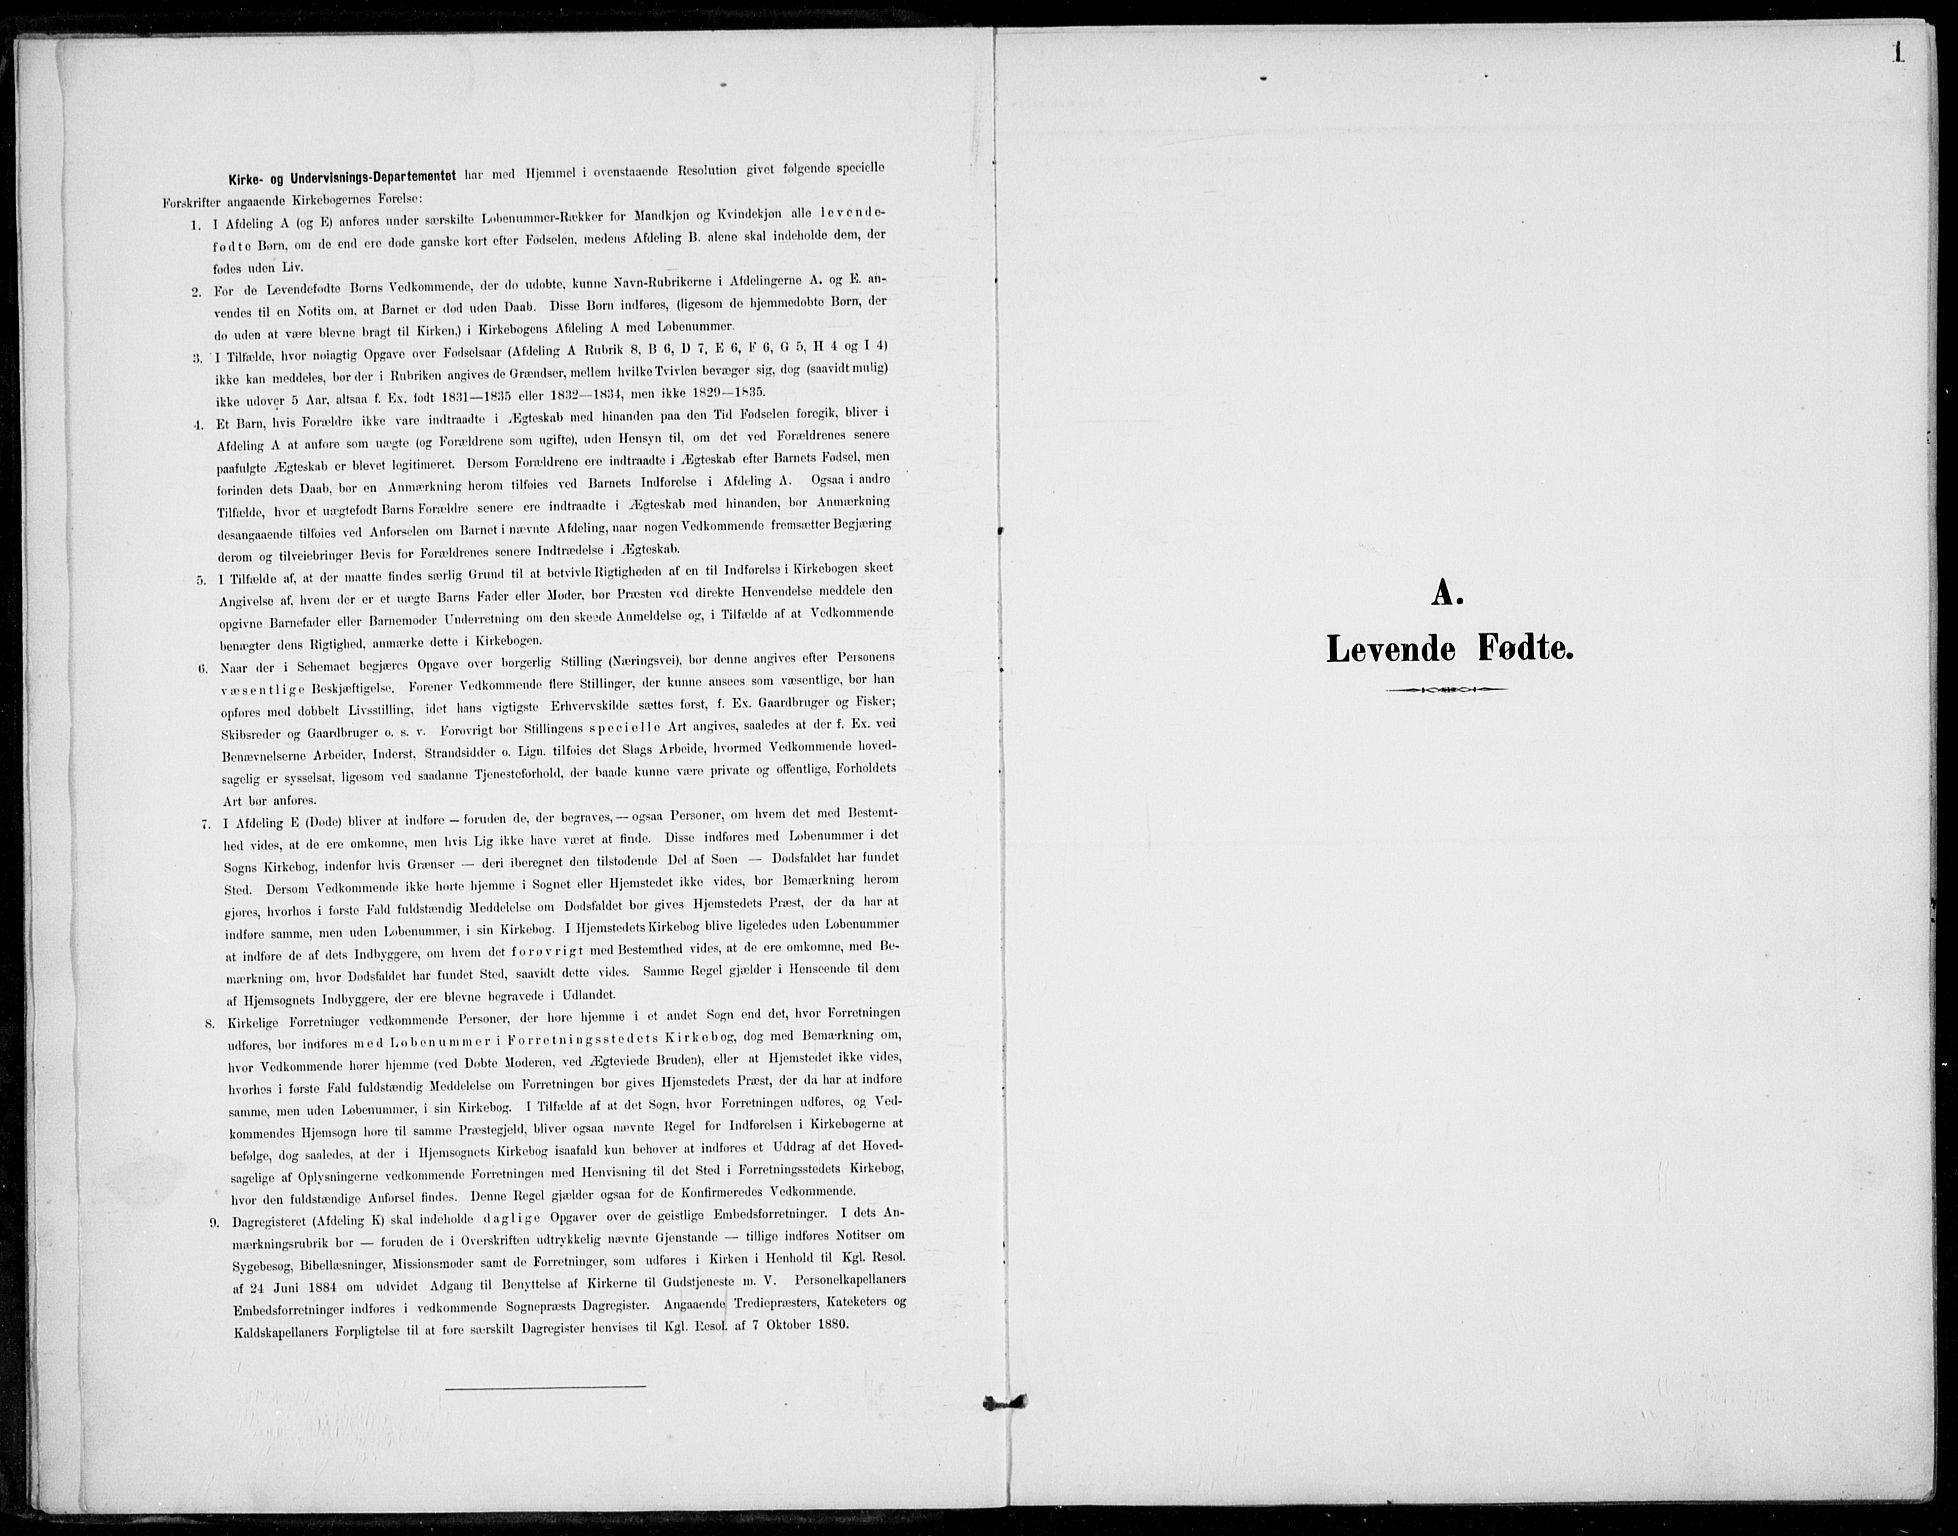 SAKO, Siljan kirkebøker, F/Fa/L0003: Ministerialbok nr. 3, 1896-1910, s. 1